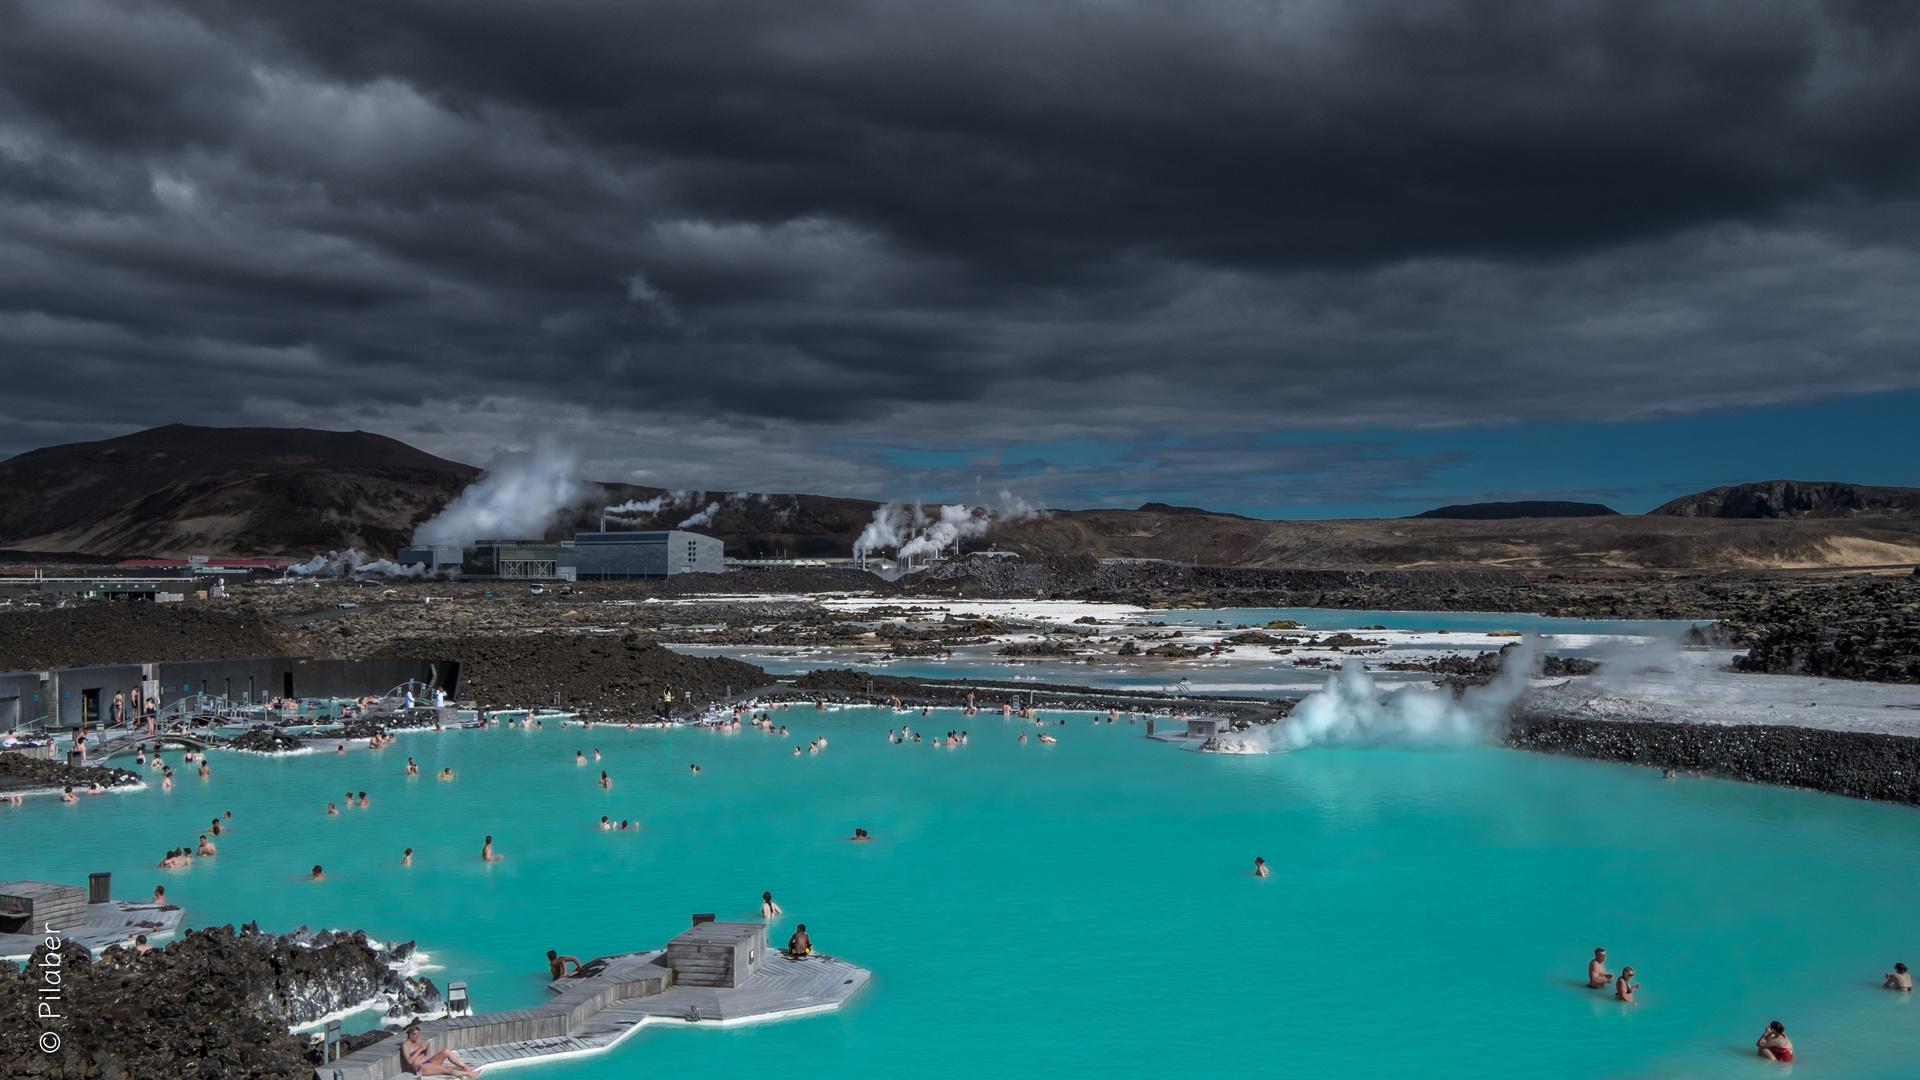 Le bain apocalyptique